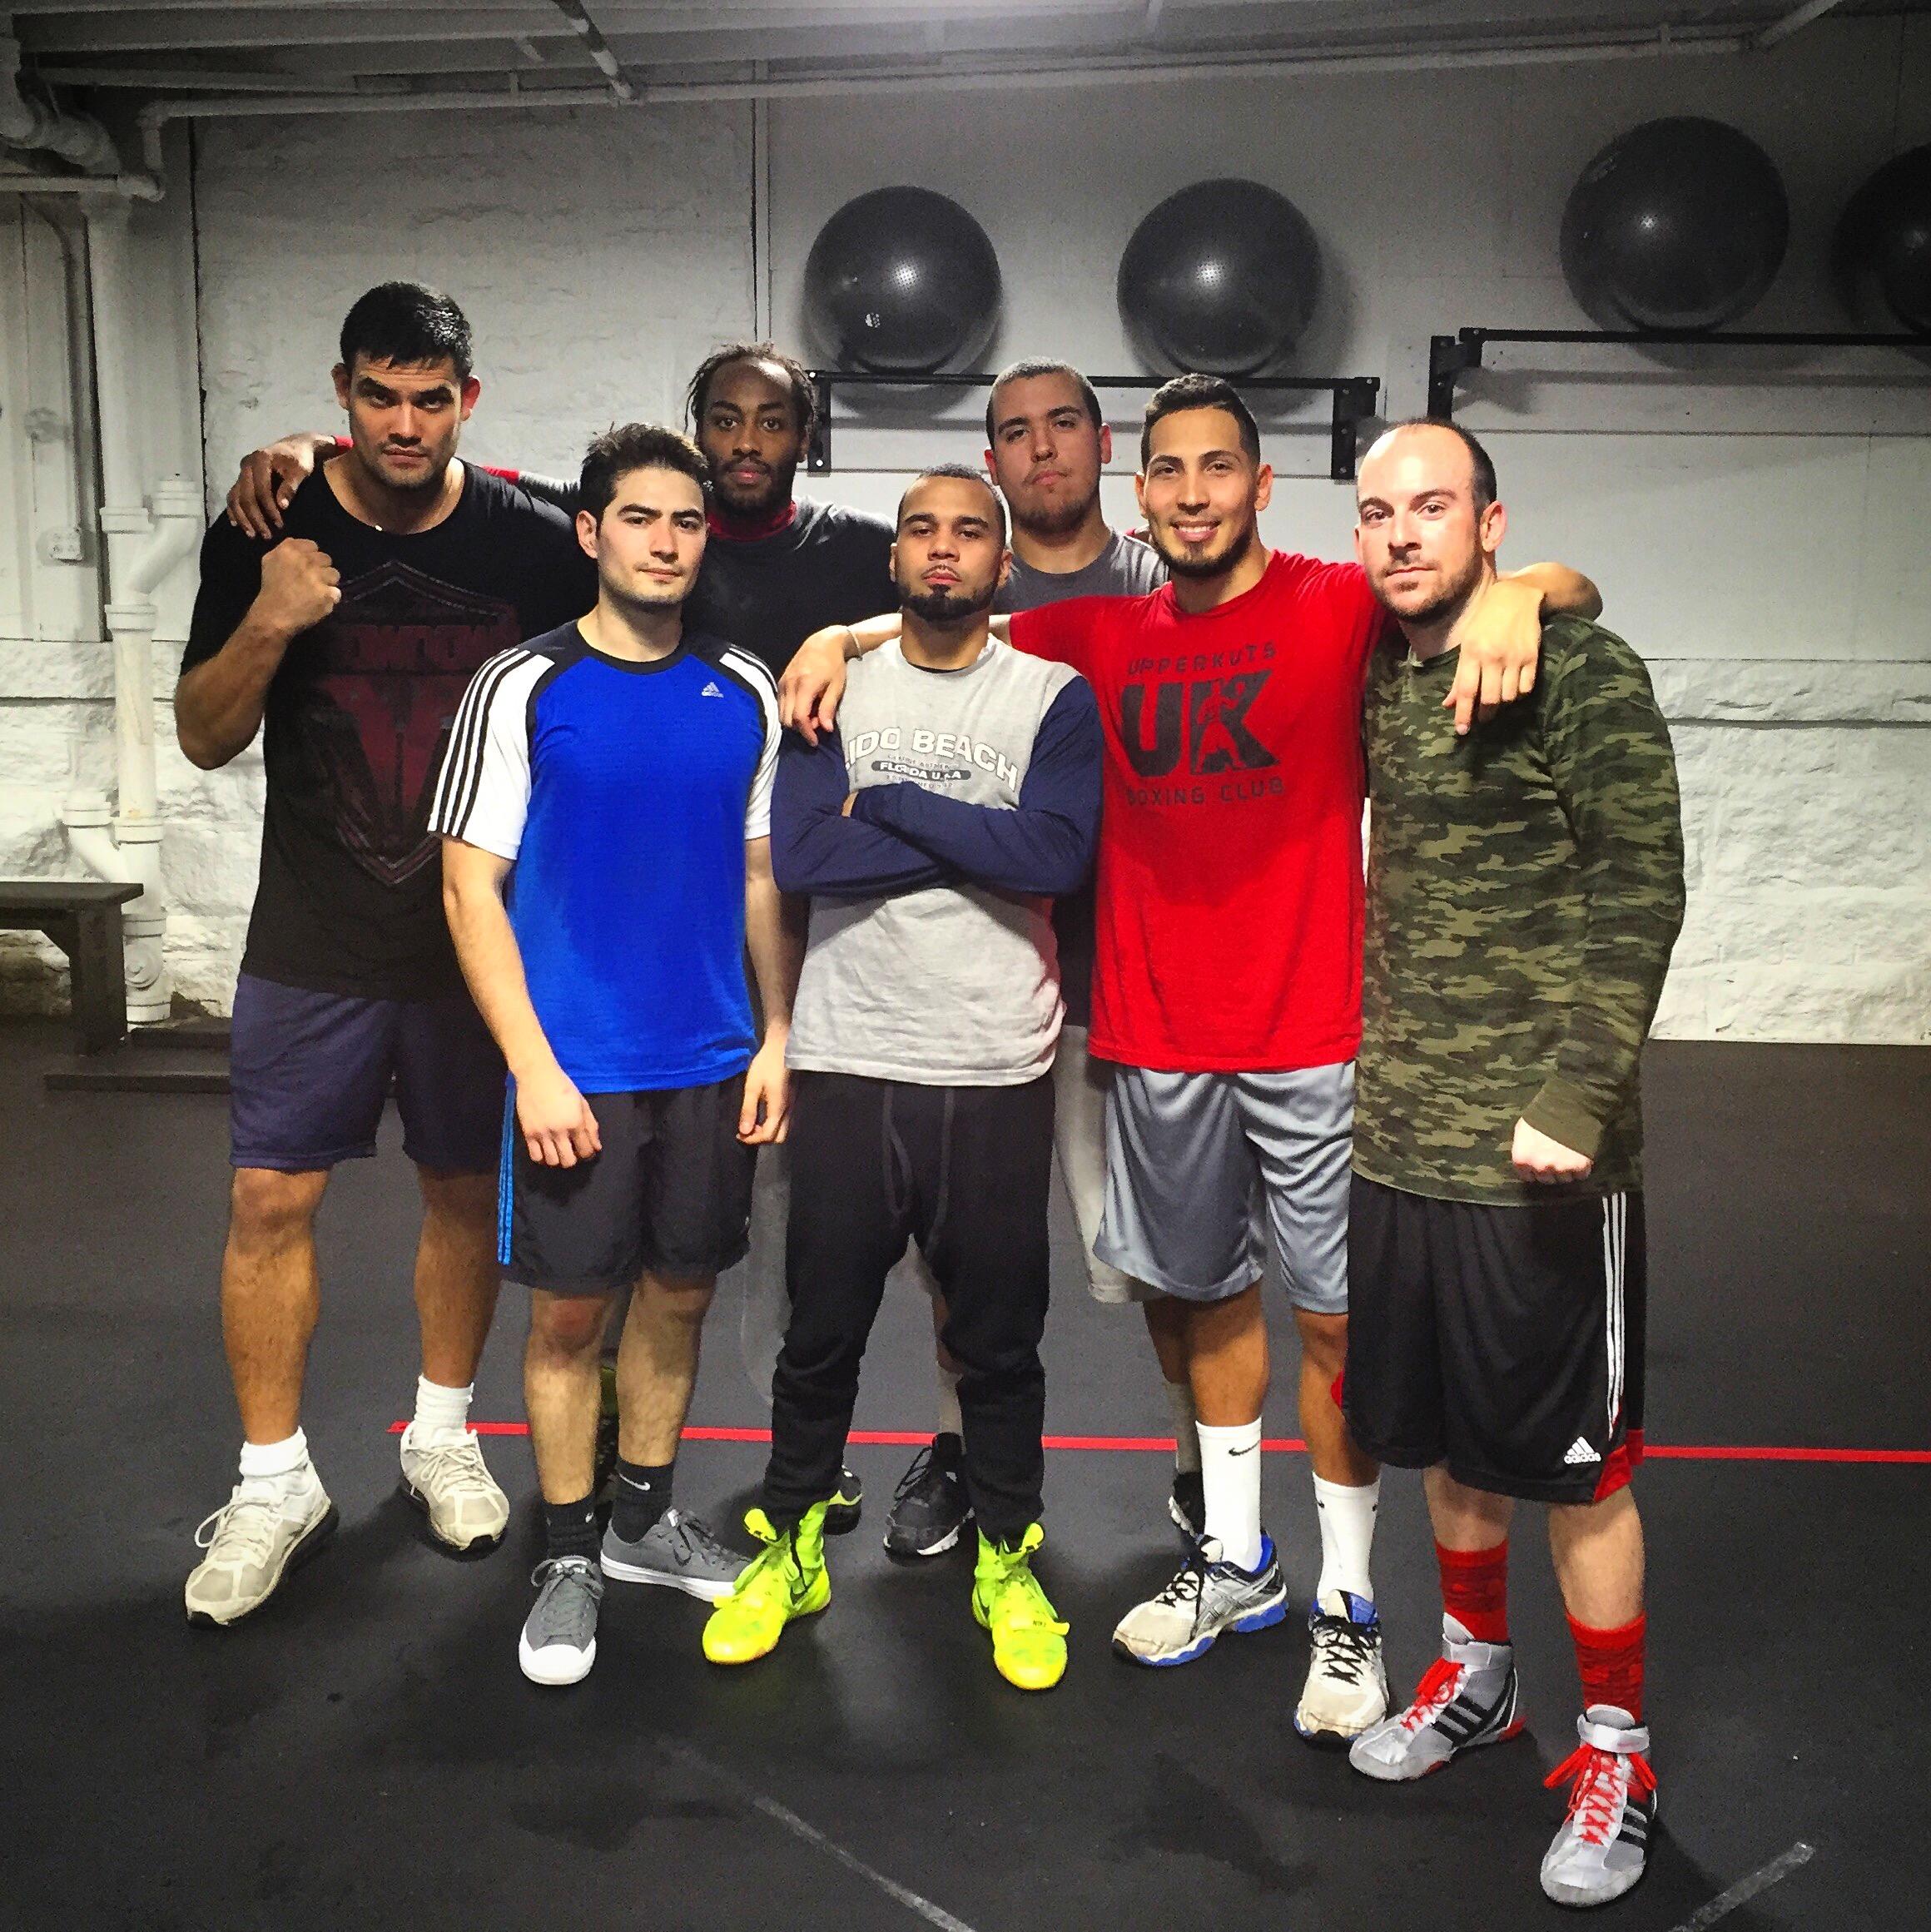 boxing club members